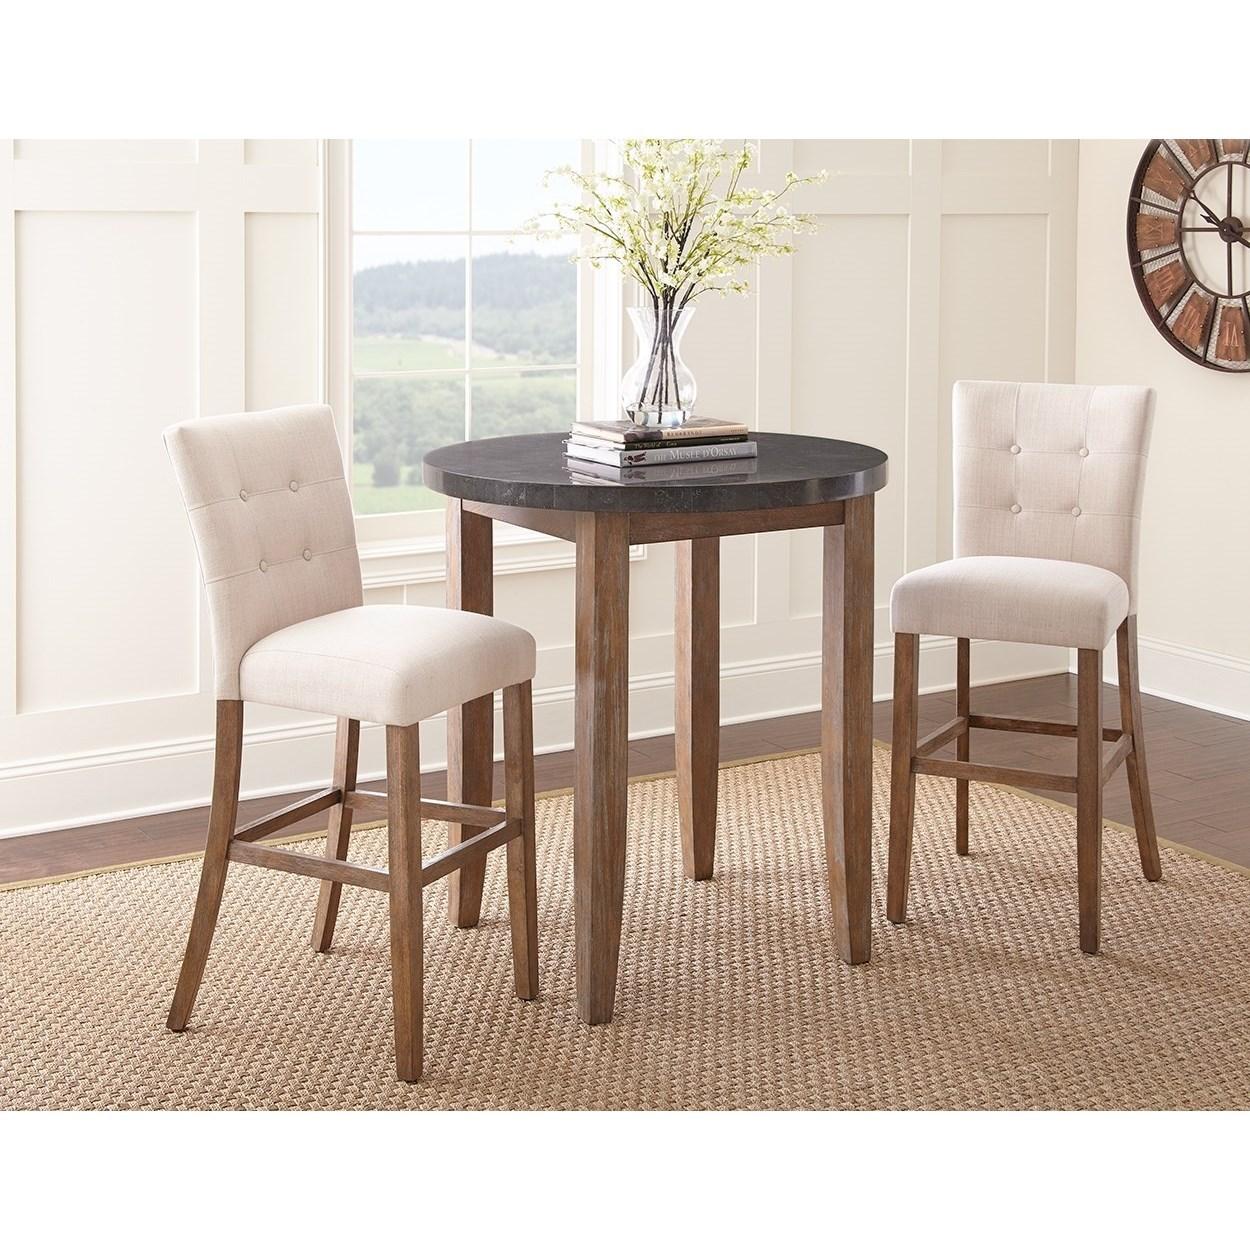 Debby upholstered bar chair morris home bar stools for Morris home